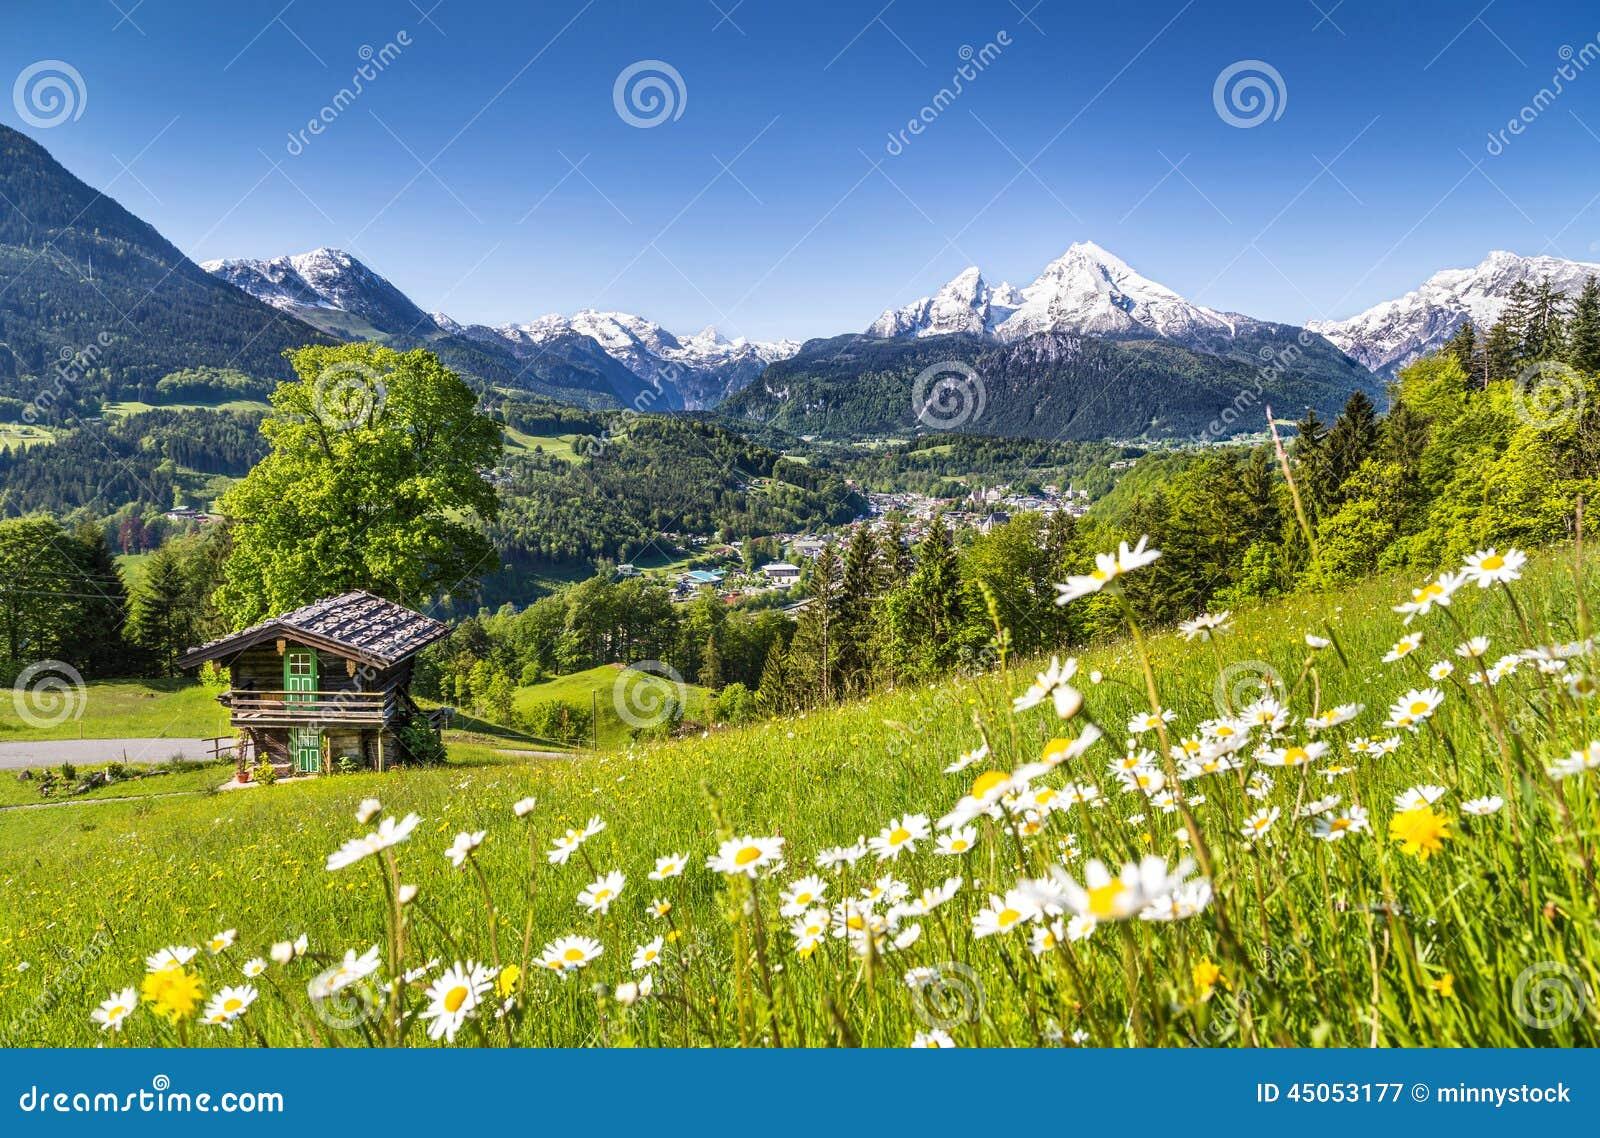 Paisaje idílico en las montañas bávaras, Berchtesgaden, Alemania